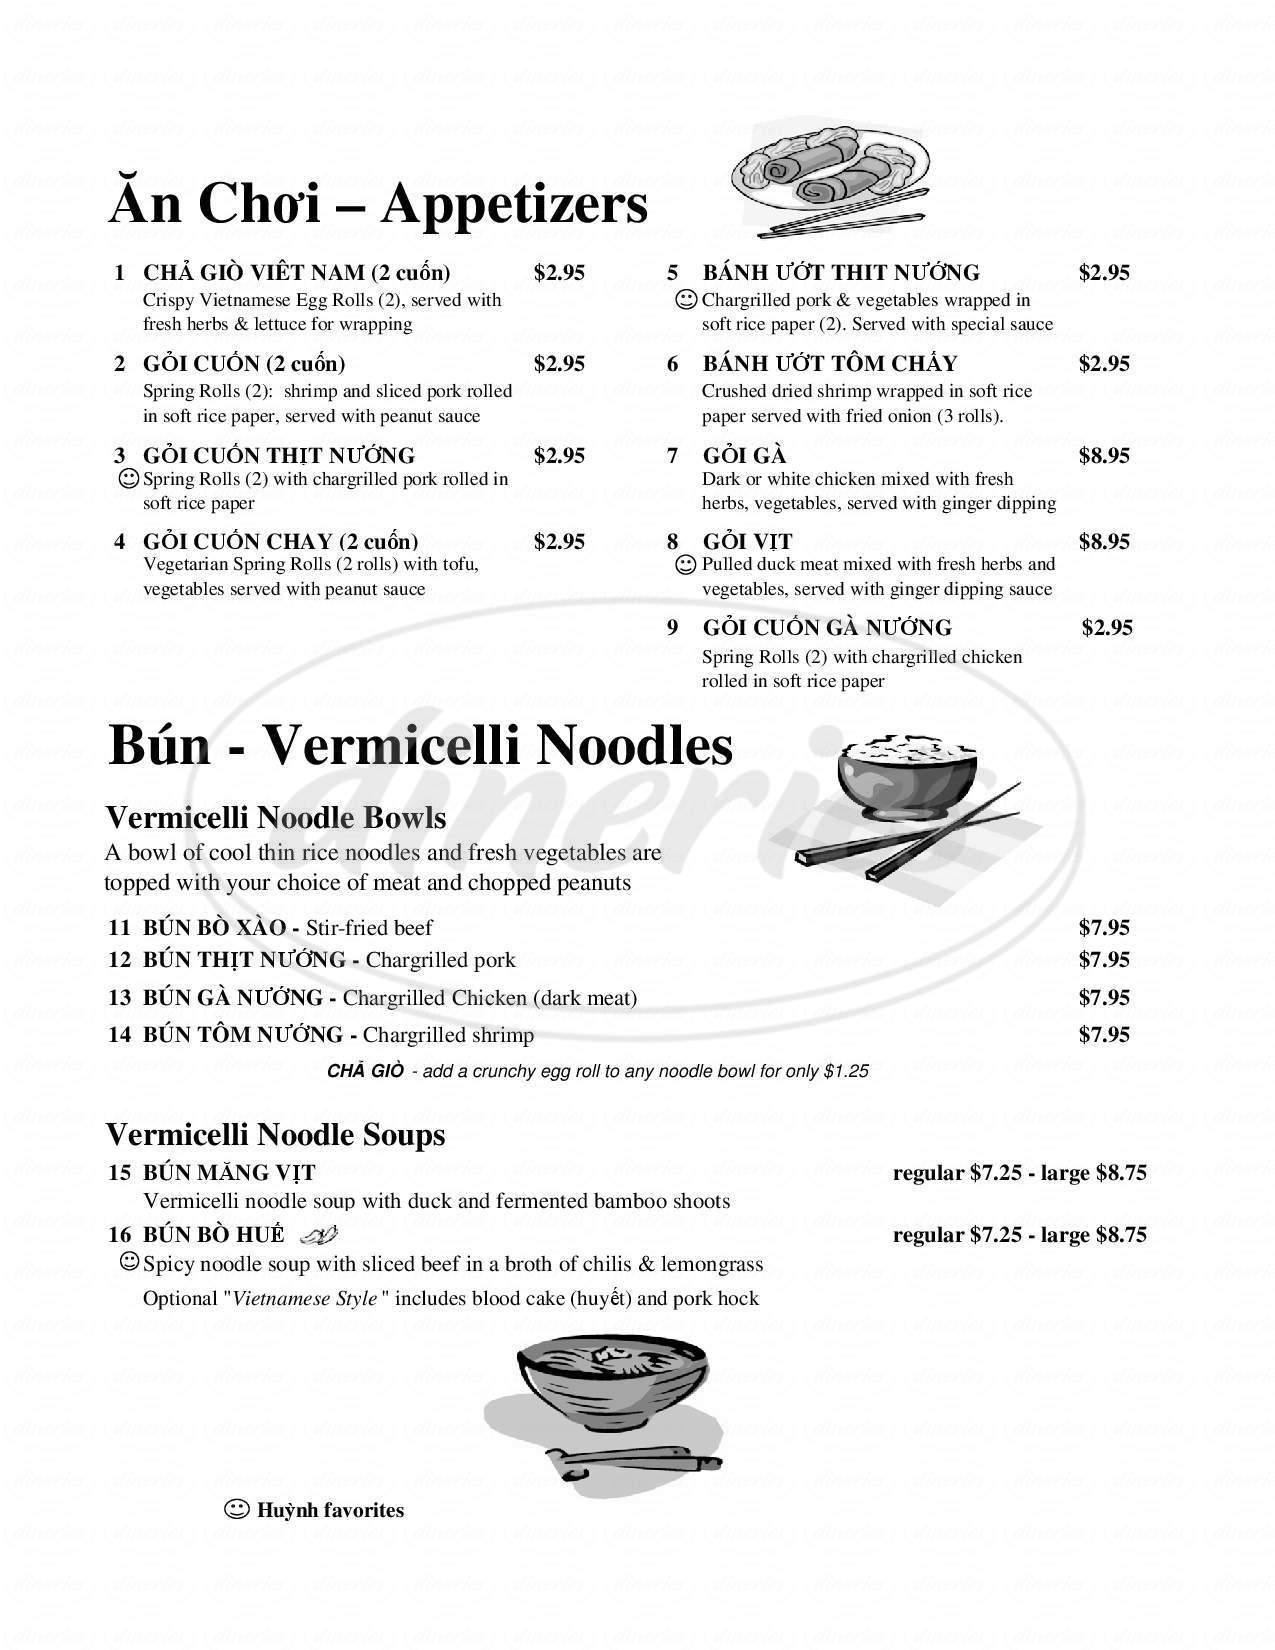 menu for Huynh